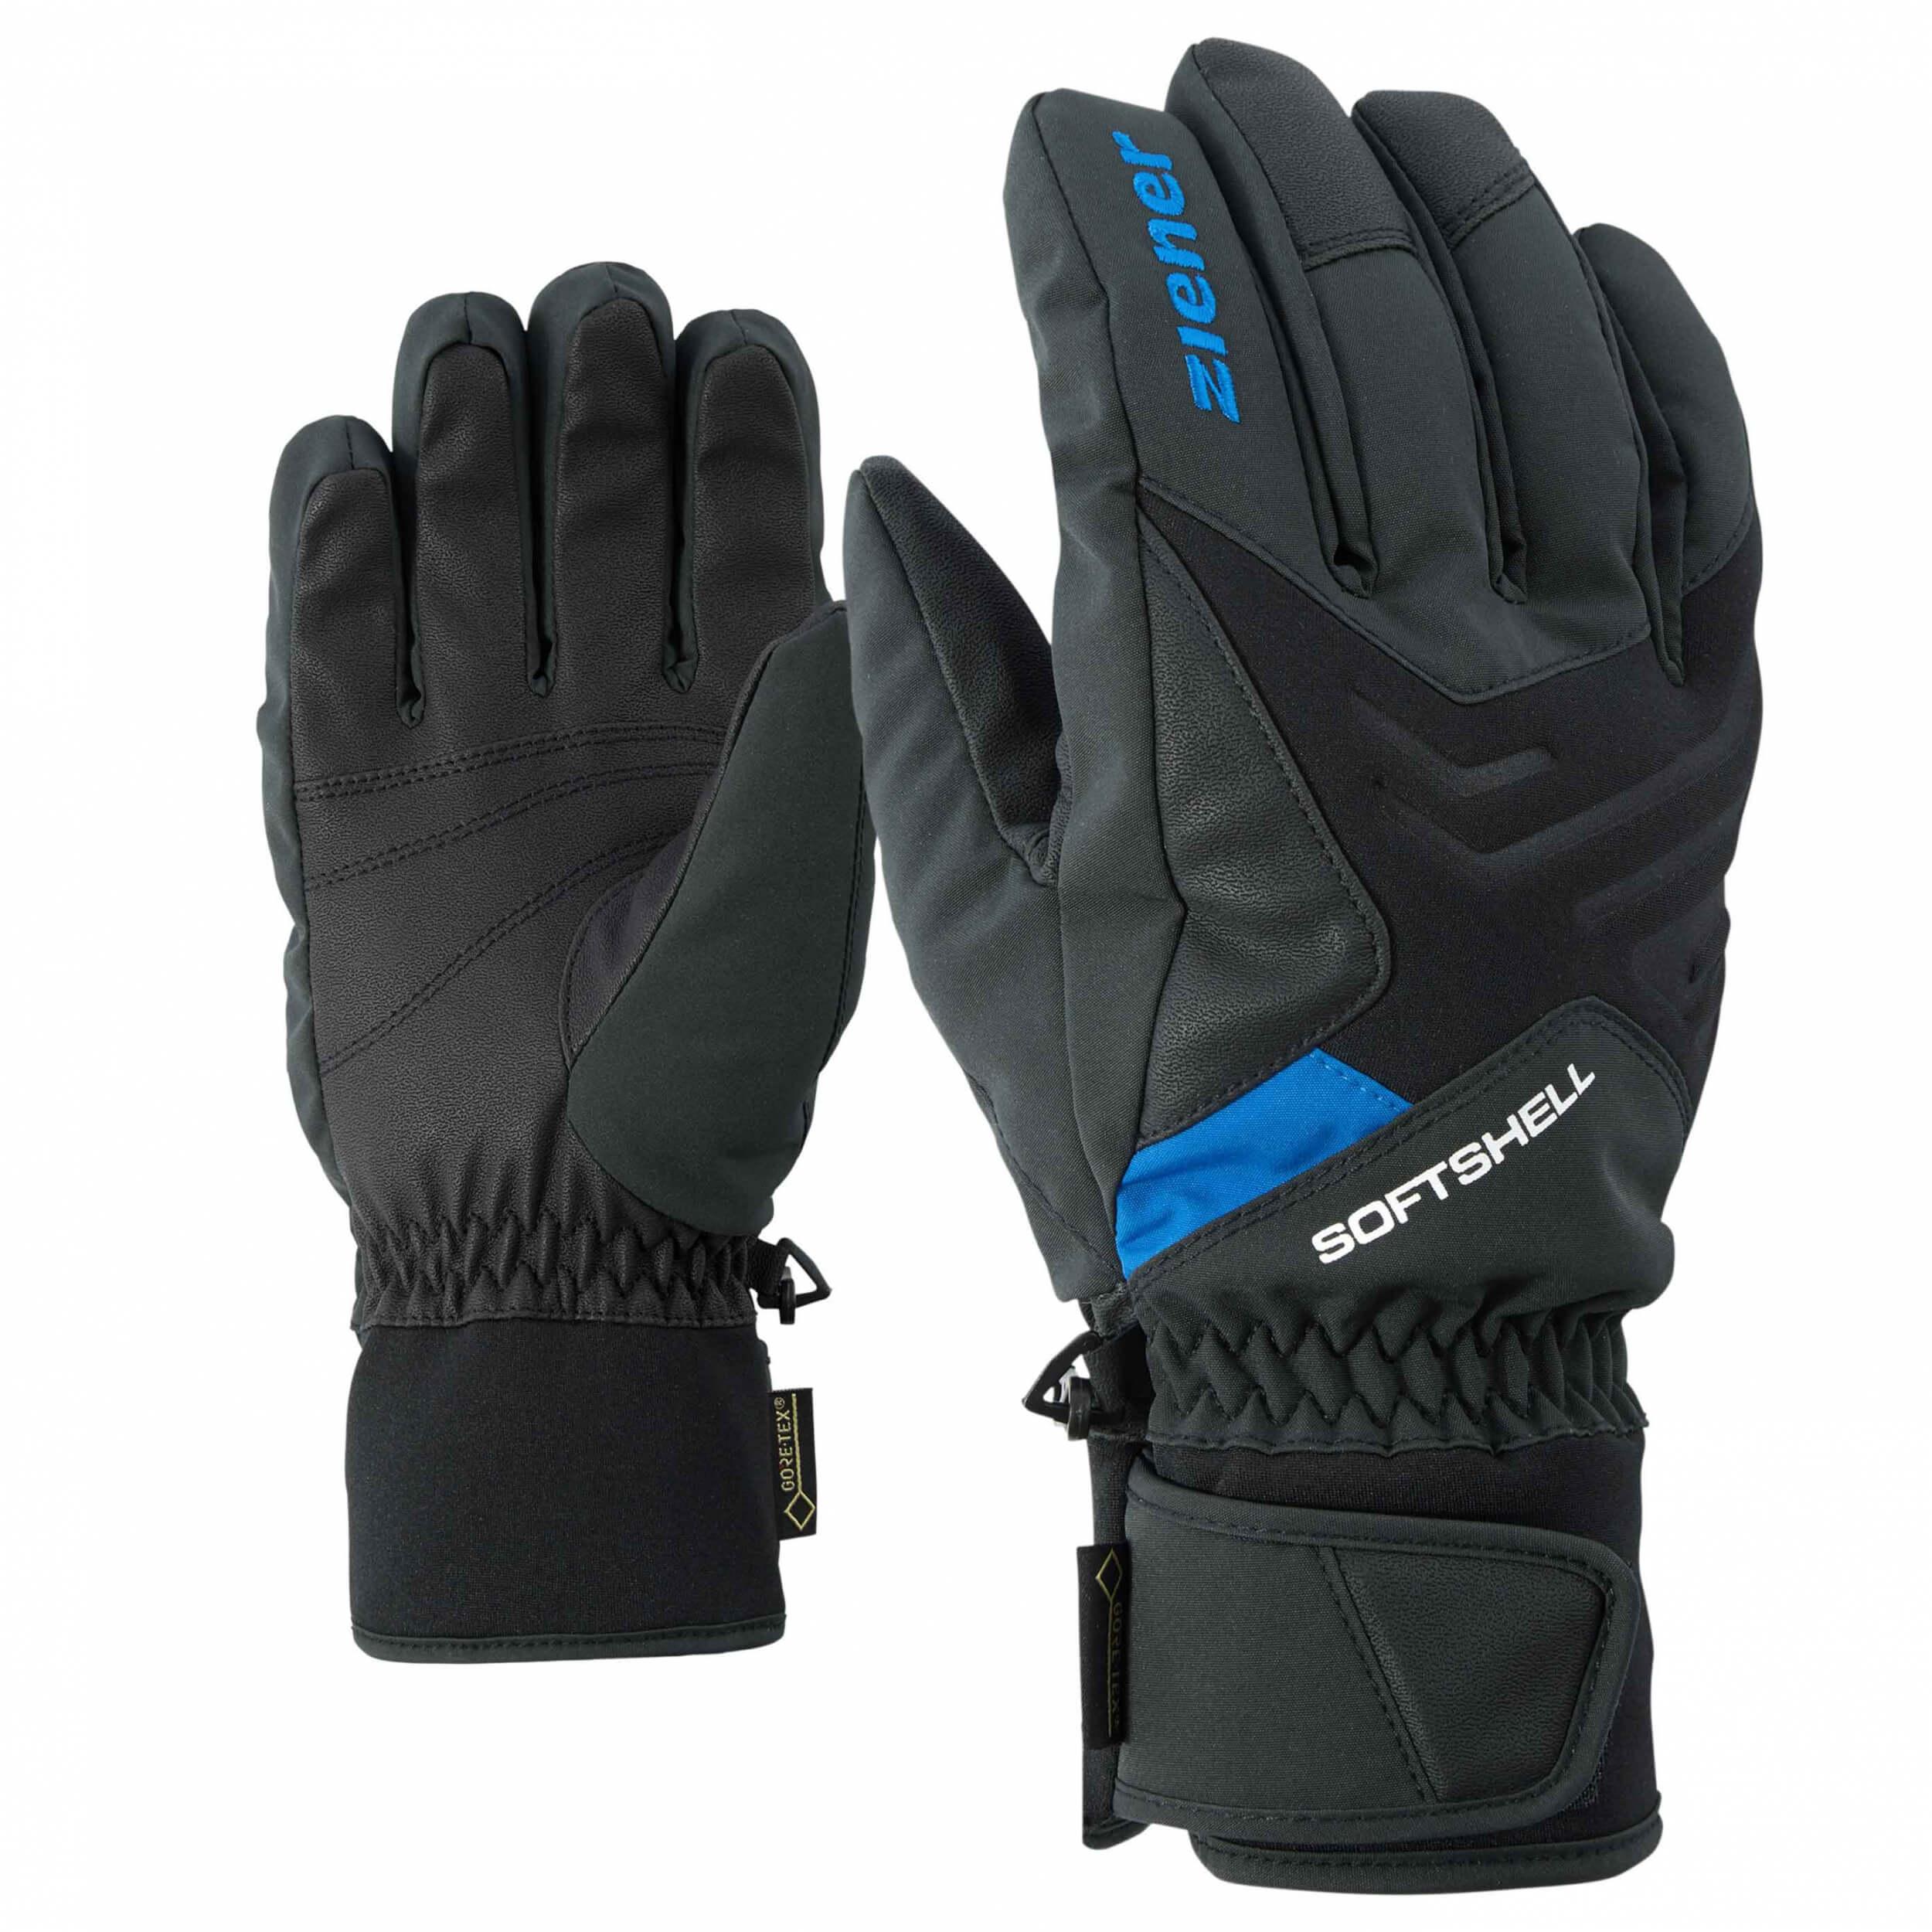 ZIENER Ski Handschuhe Gomser GORETEX schwarz blau 12798